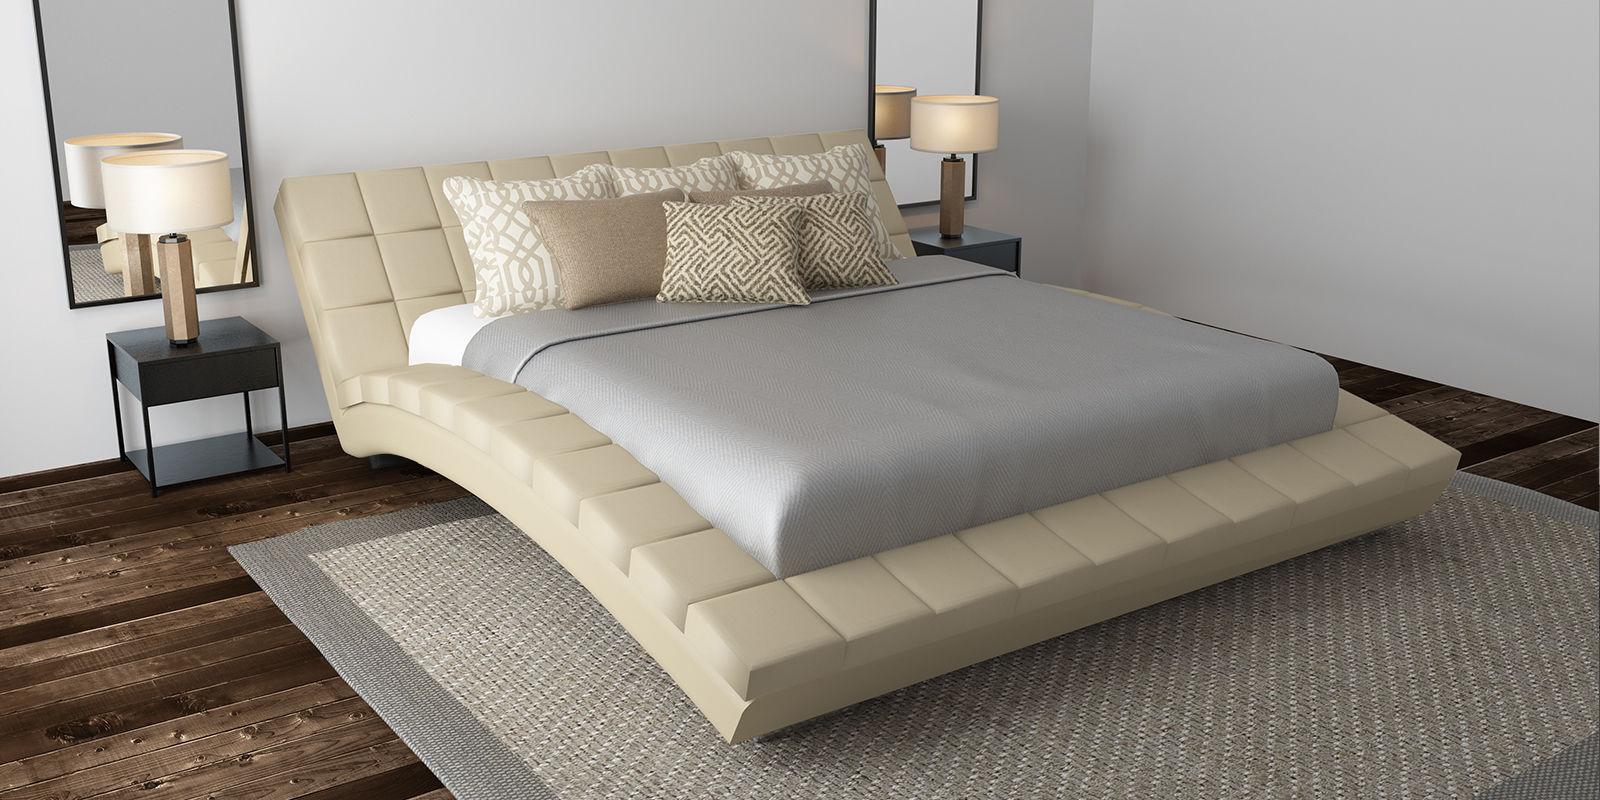 Мягкая кровать 200х160 Оливия с ортопедическим основанием (Luxe бежевый), HomeMe, Бежевый  - Купить